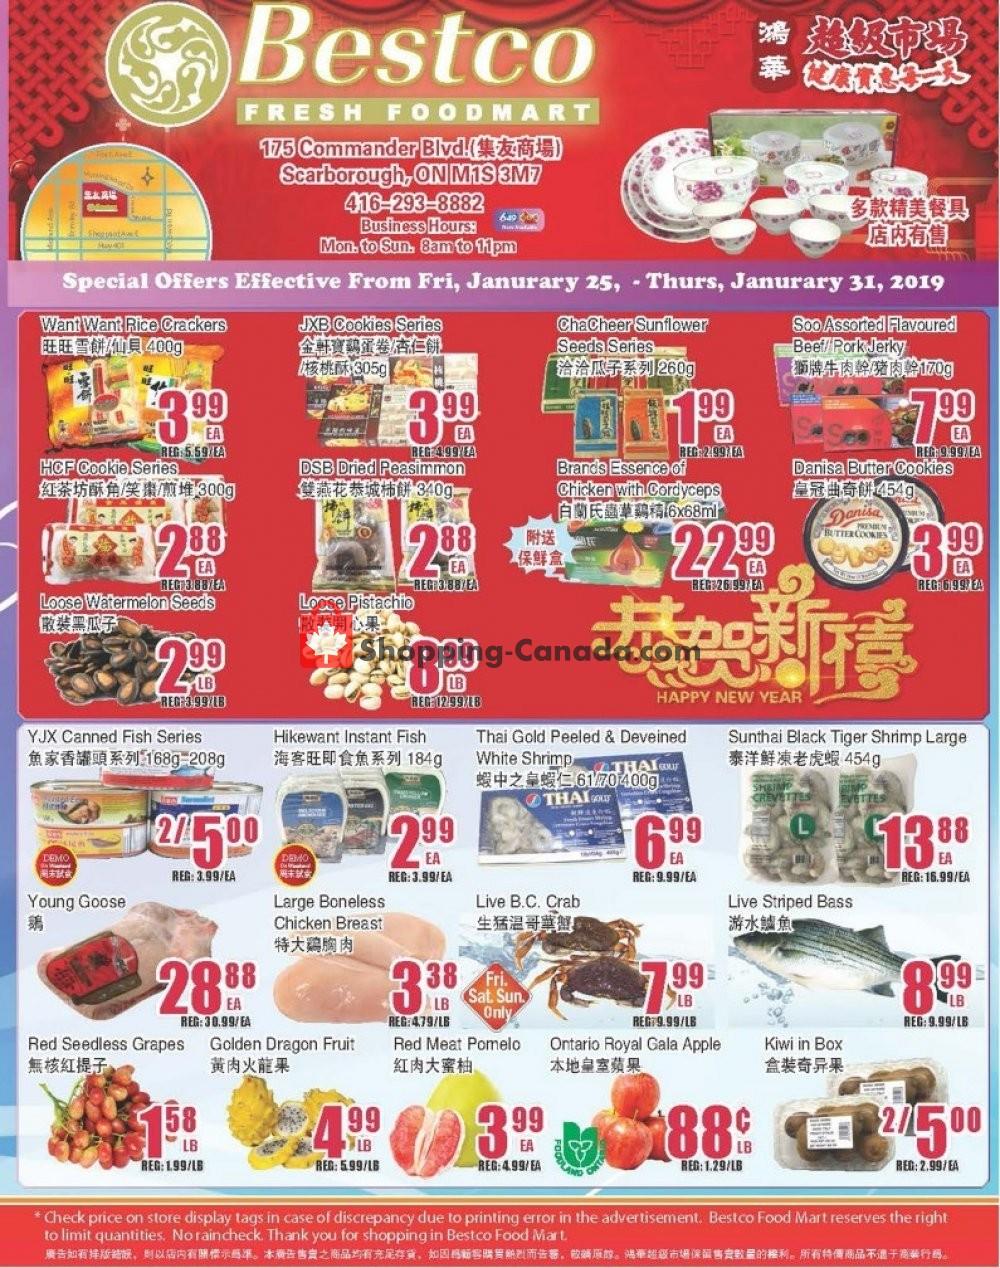 Flyer Bestco Food Mart Canada - from Friday January 25, 2019 to Thursday January 31, 2019